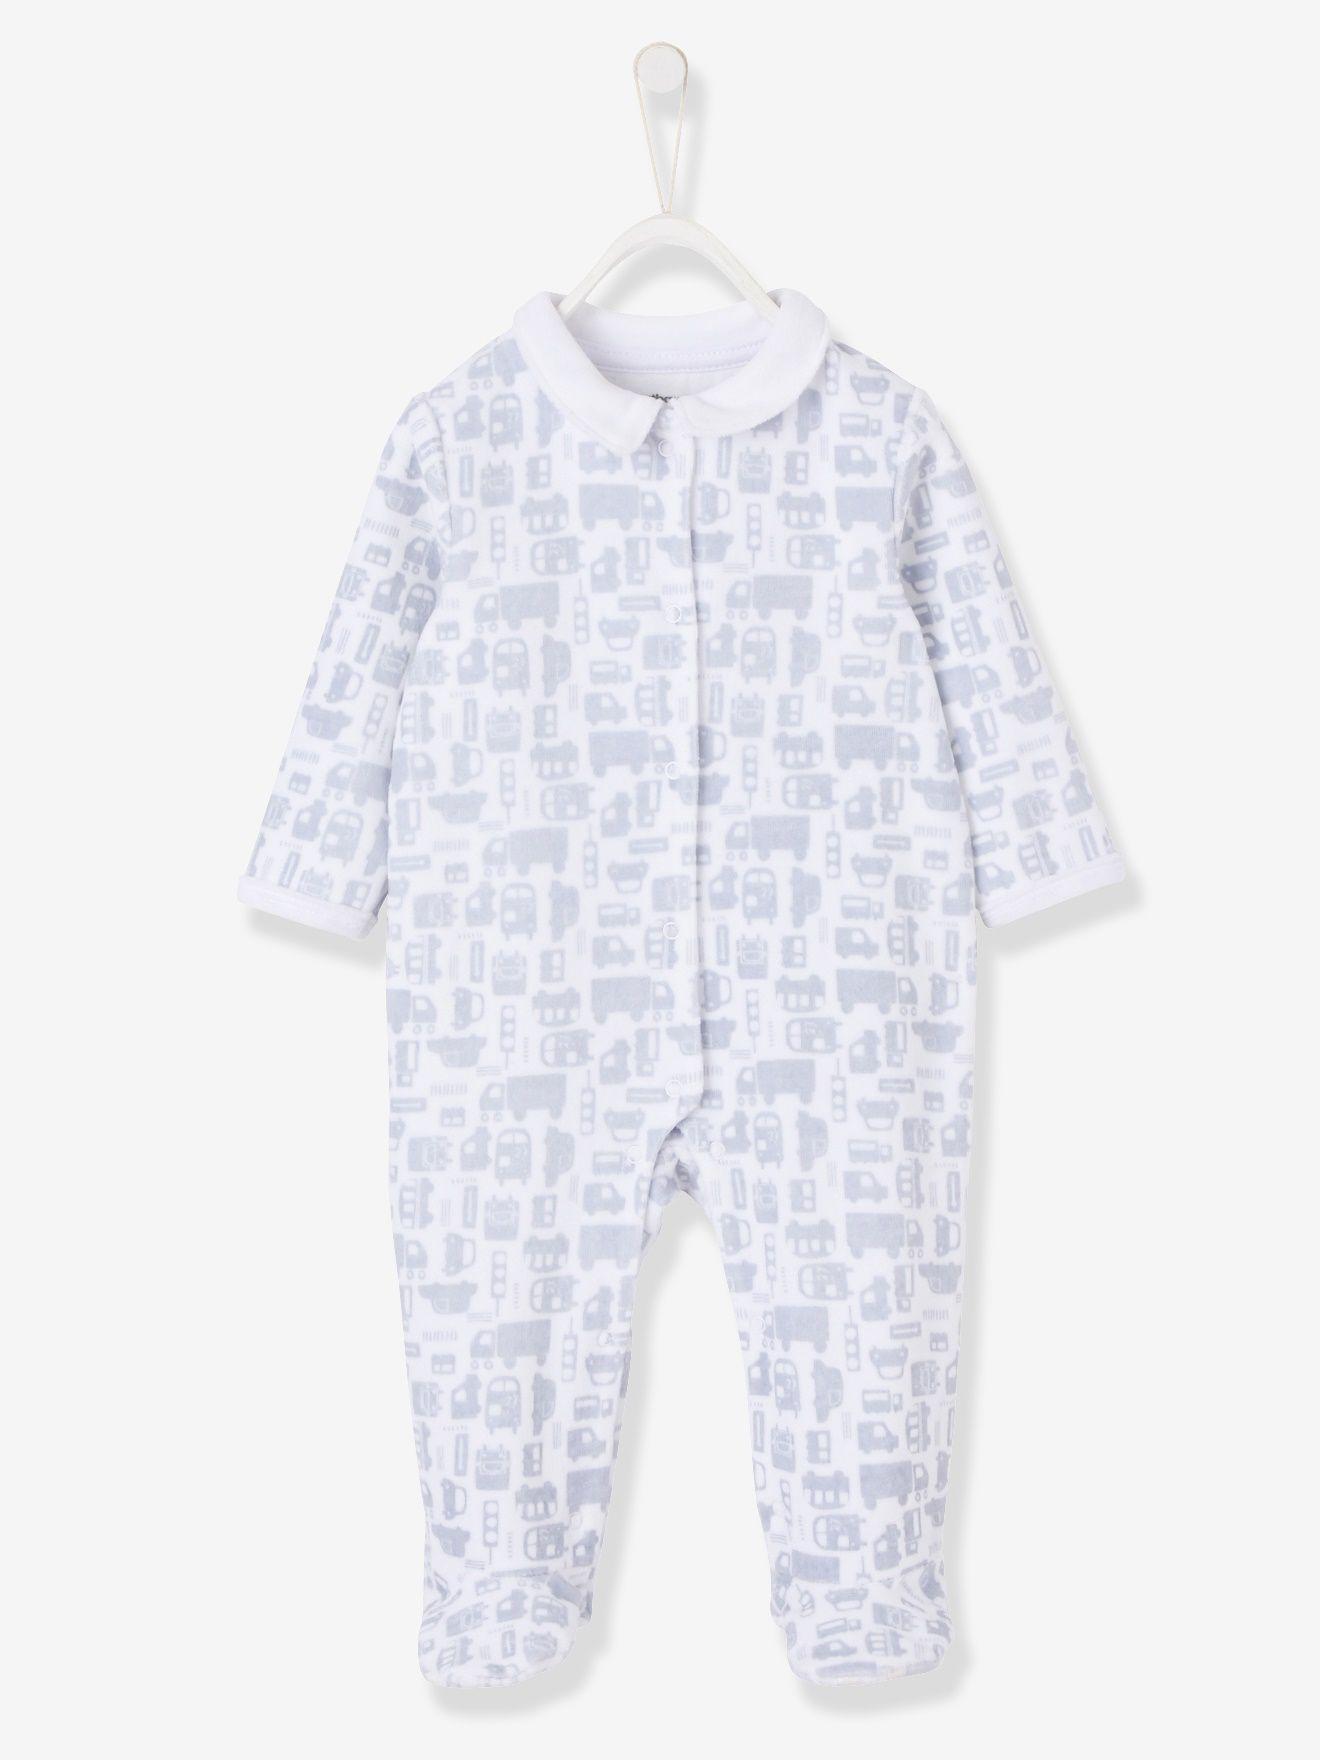 52fda458f Pijama estampado de terciopelo automáticos delante bebé blanco estampado -  Vertbaudet